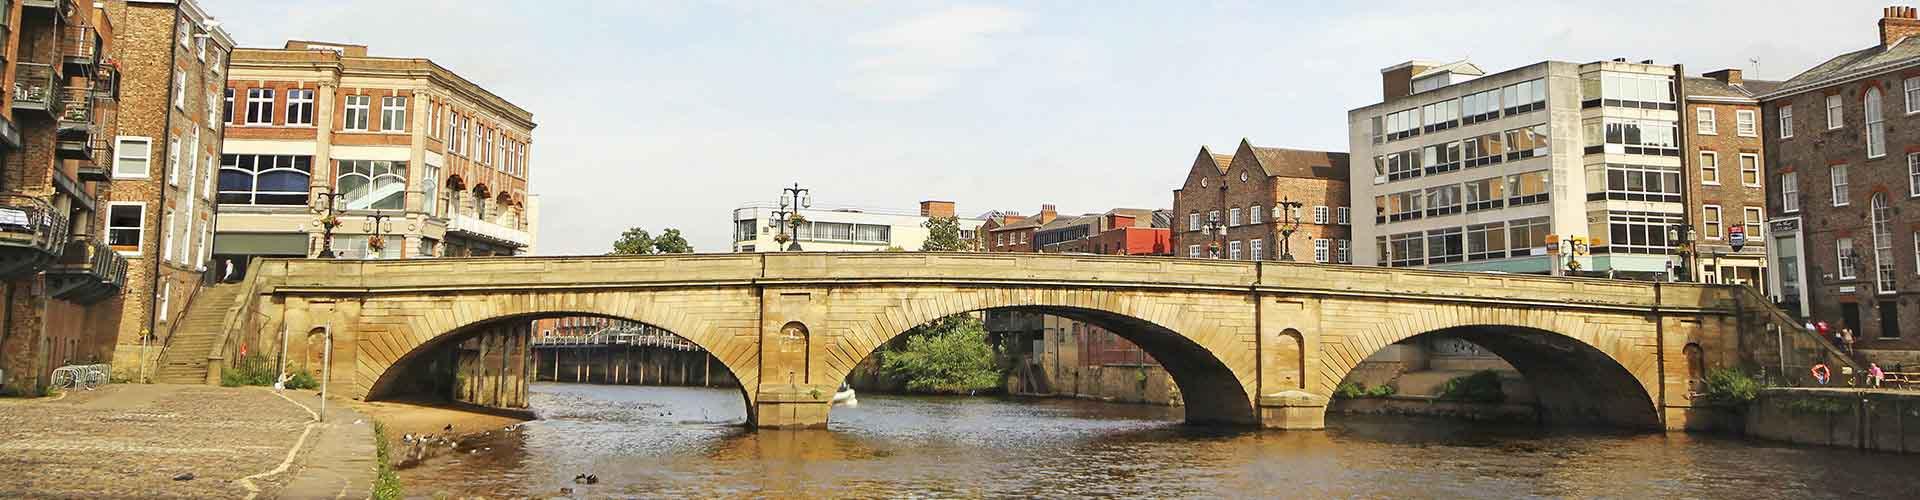 York – Hostellit kohteessa York. York -karttoja, valokuvia ja arvosteluja kaikista York -hostelleista.